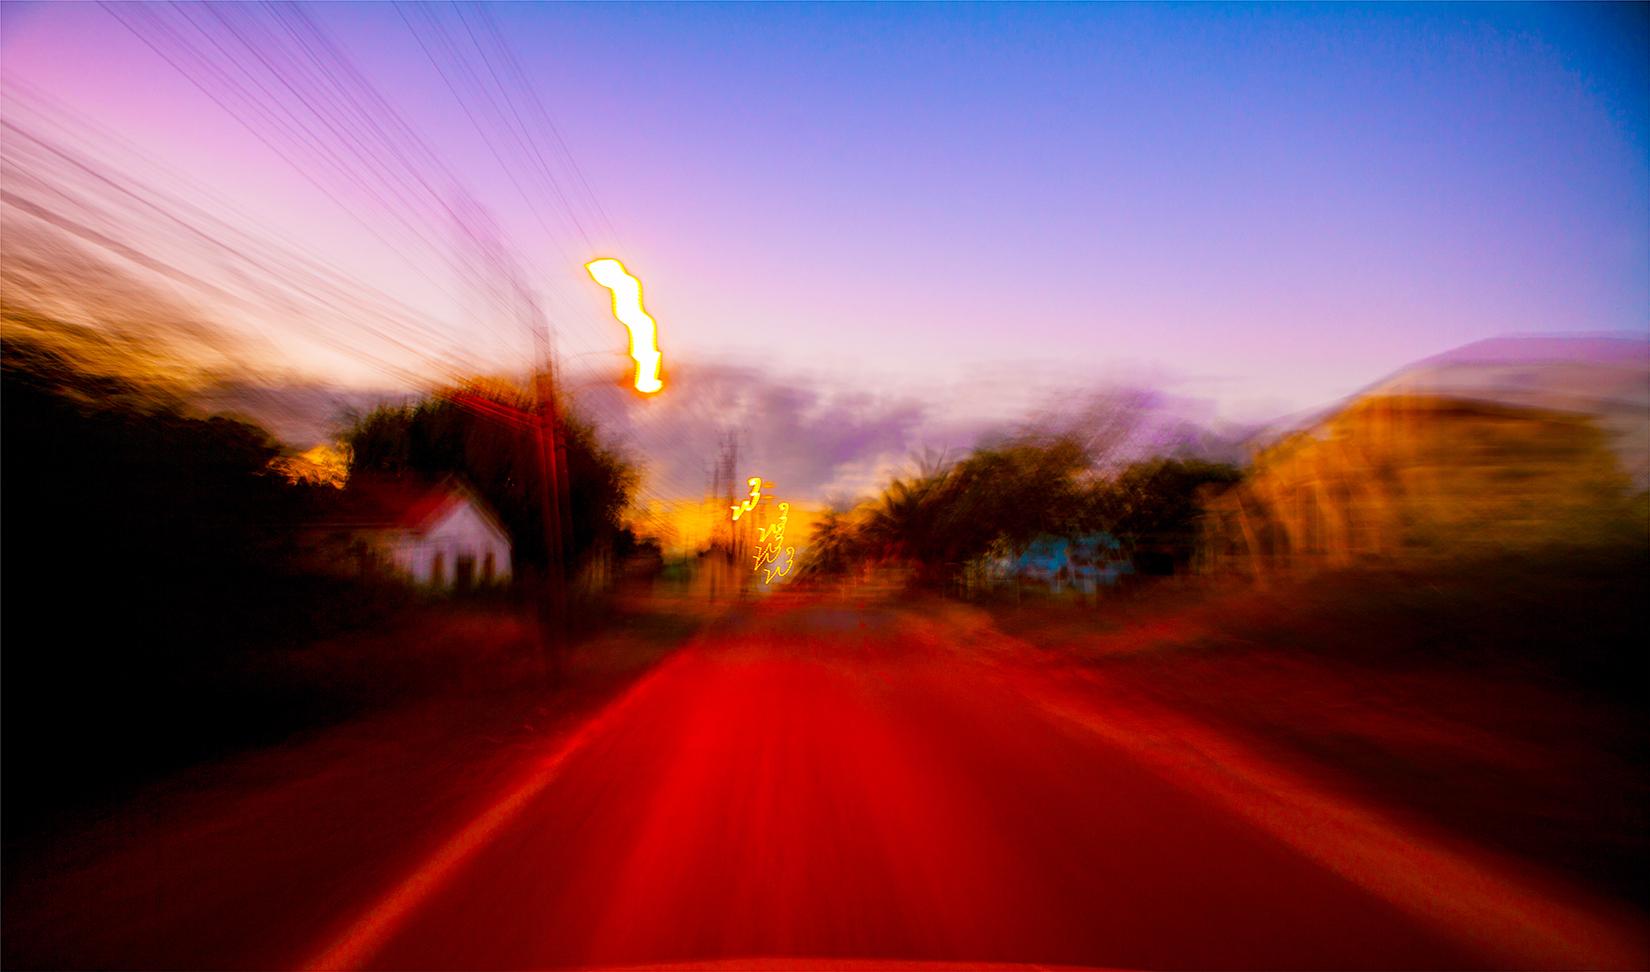 Red Road copy.jpg